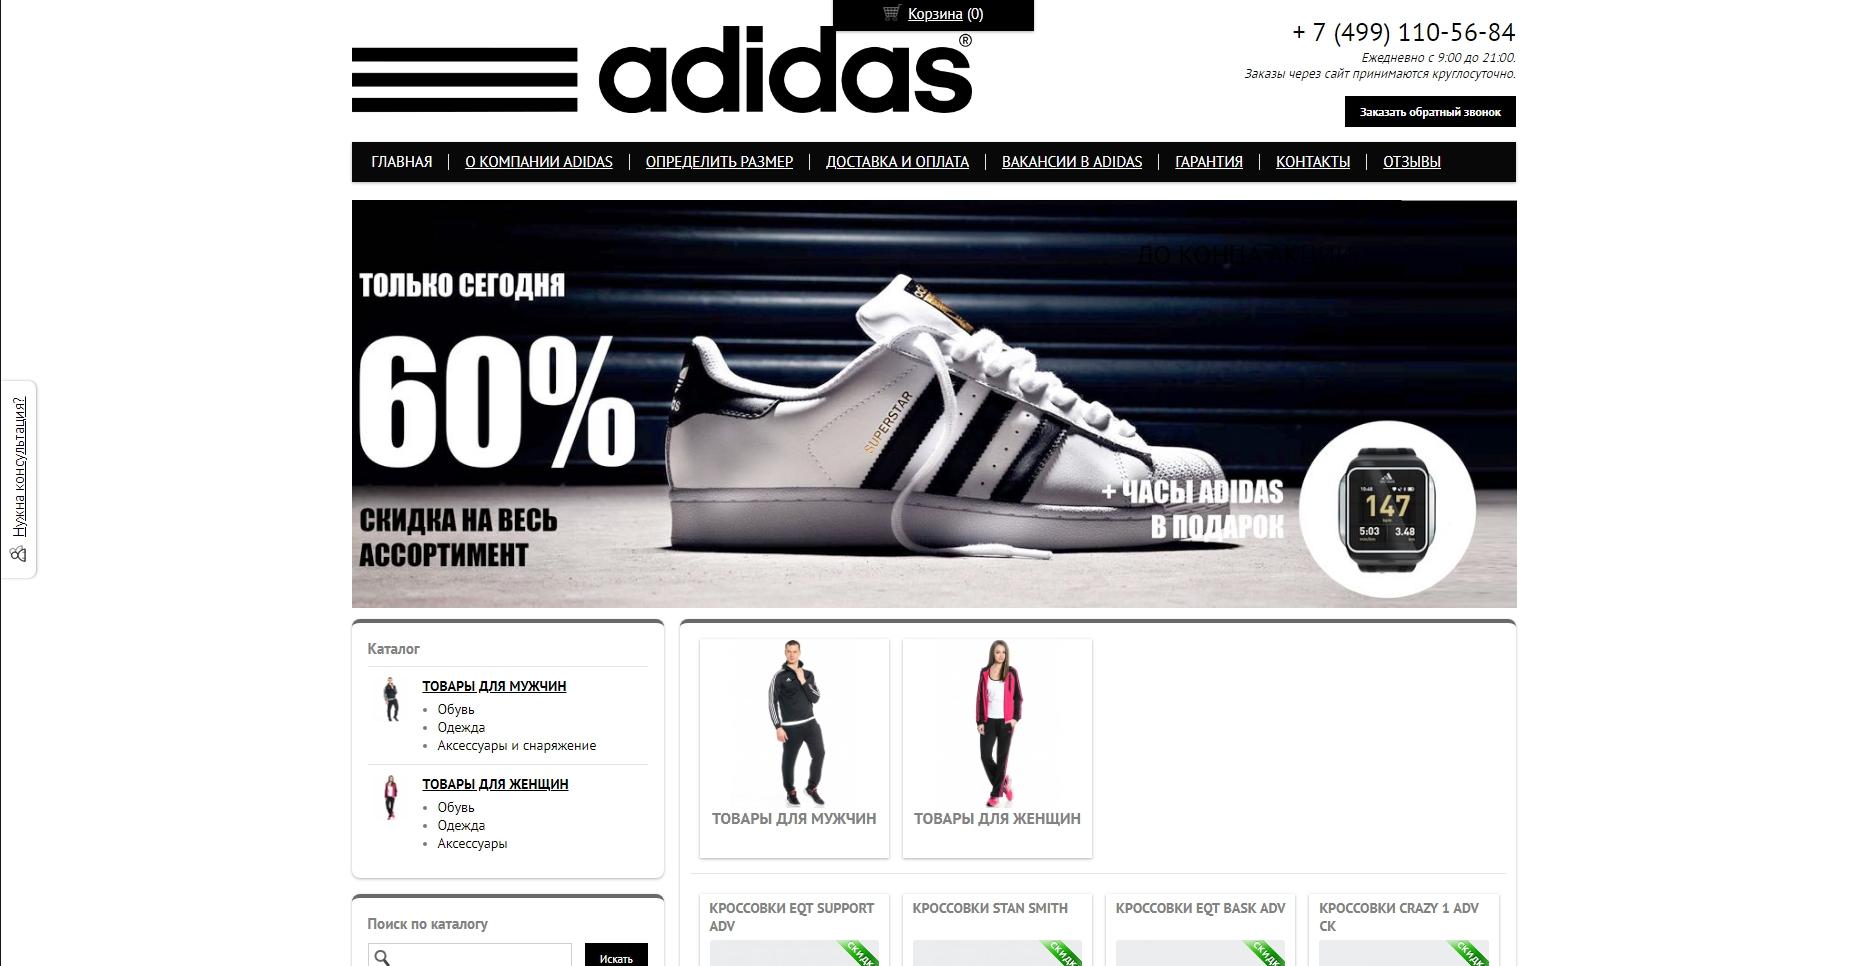 da1c650a Buy-adidas.ru - отзывы о магазине спортивной обуви